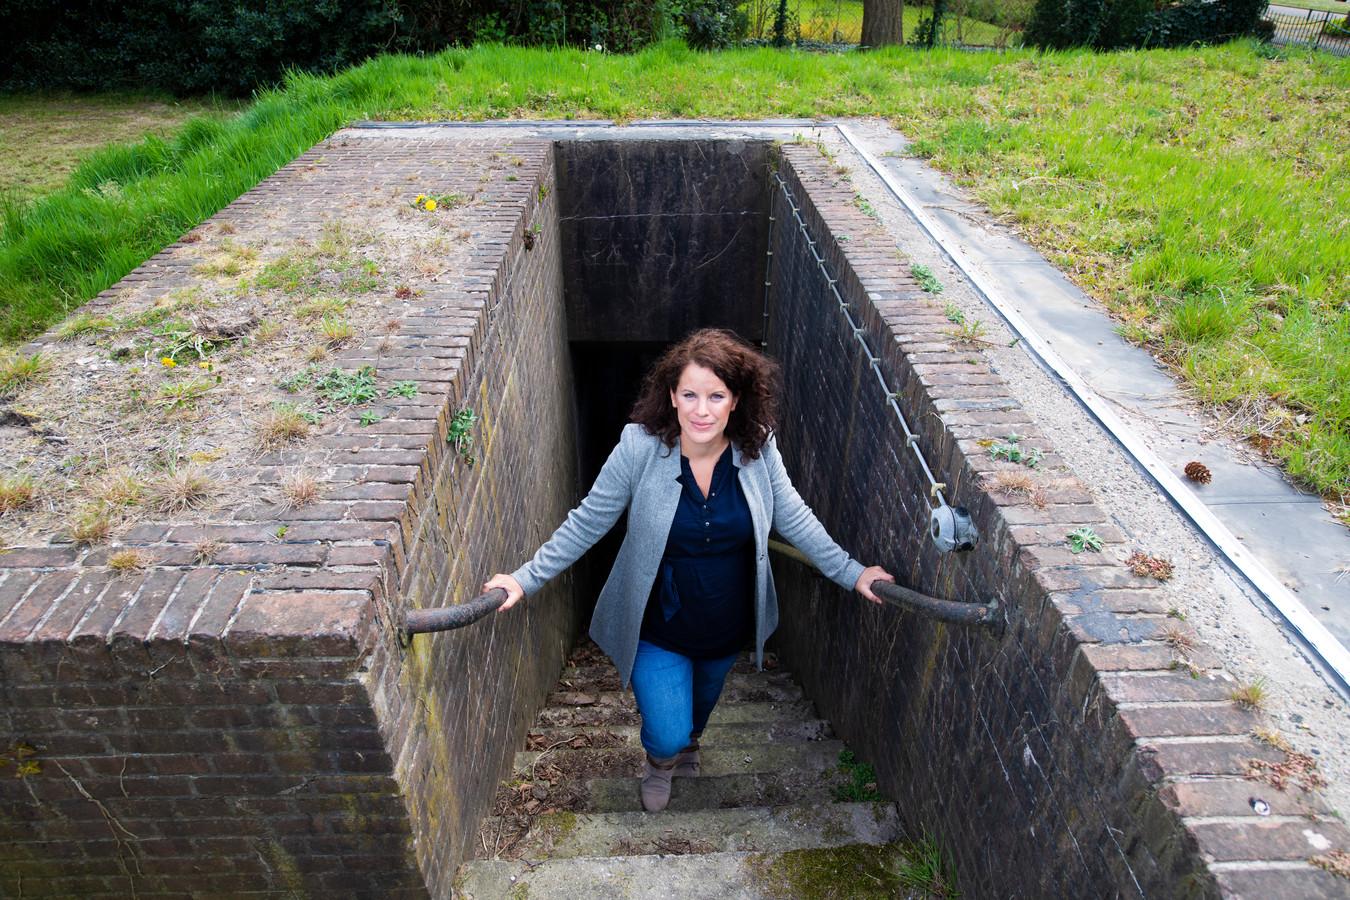 Onderzoekster Machlien Vlasblom bij de bunker van Seys-Inquart.